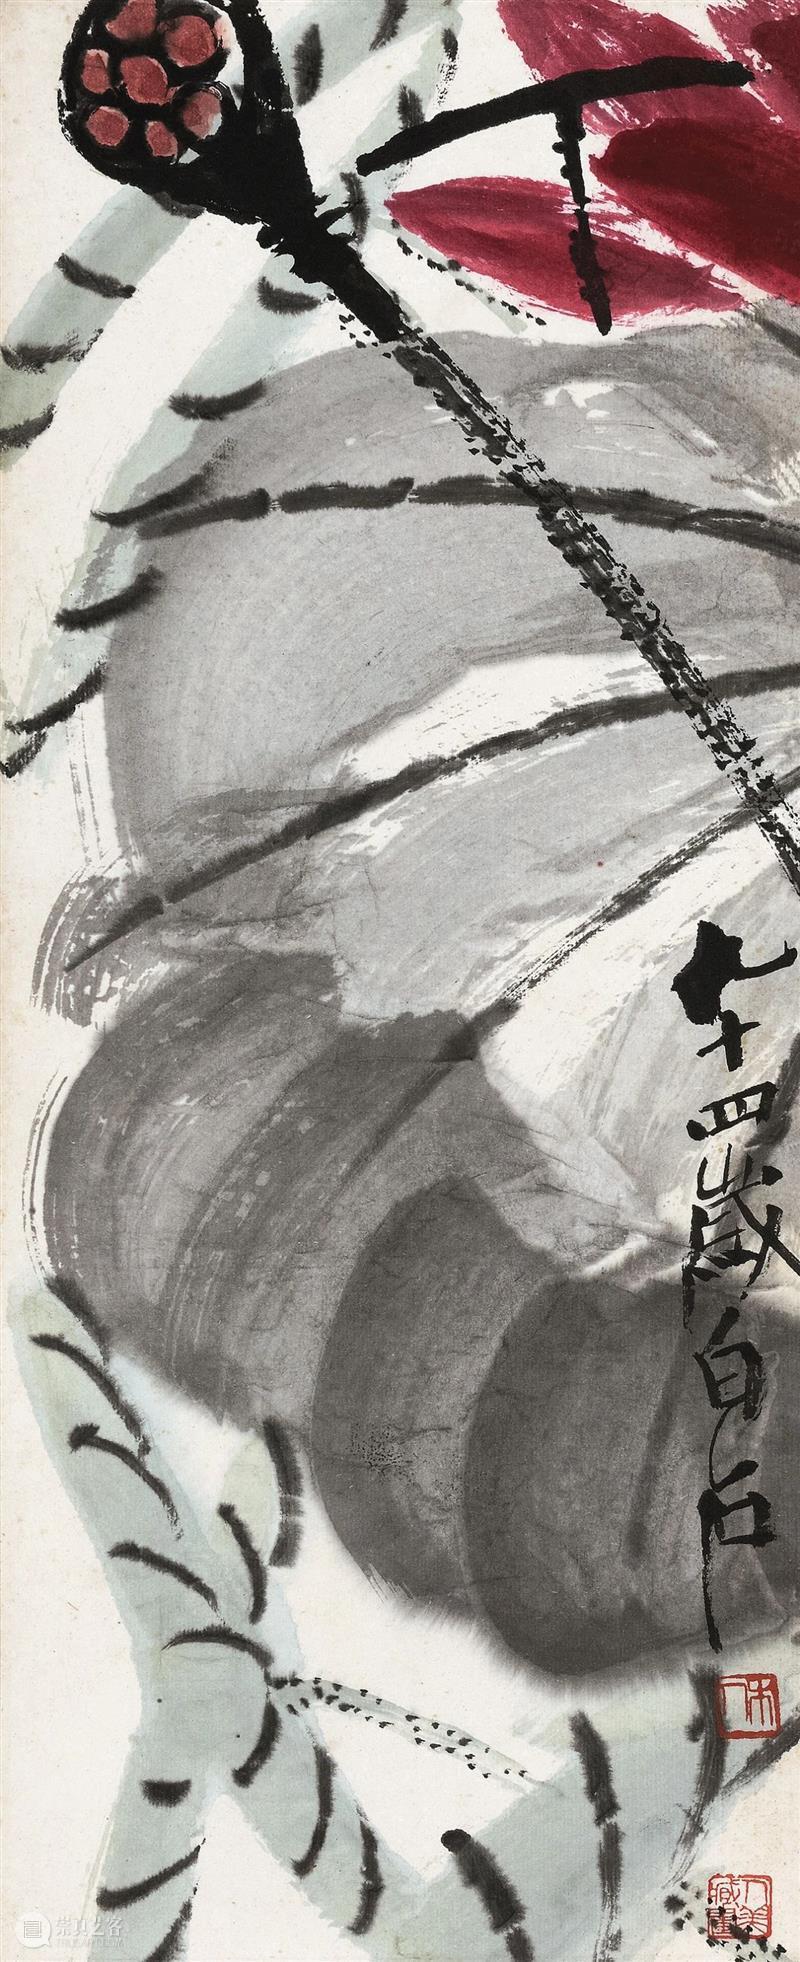 北京保利网拍第三季   佳作复精品,销夏还赏心 保利网 精品 佳作 北京 销夏 Poly Online网拍 保利拍卖 优势 品牌 崇真艺客